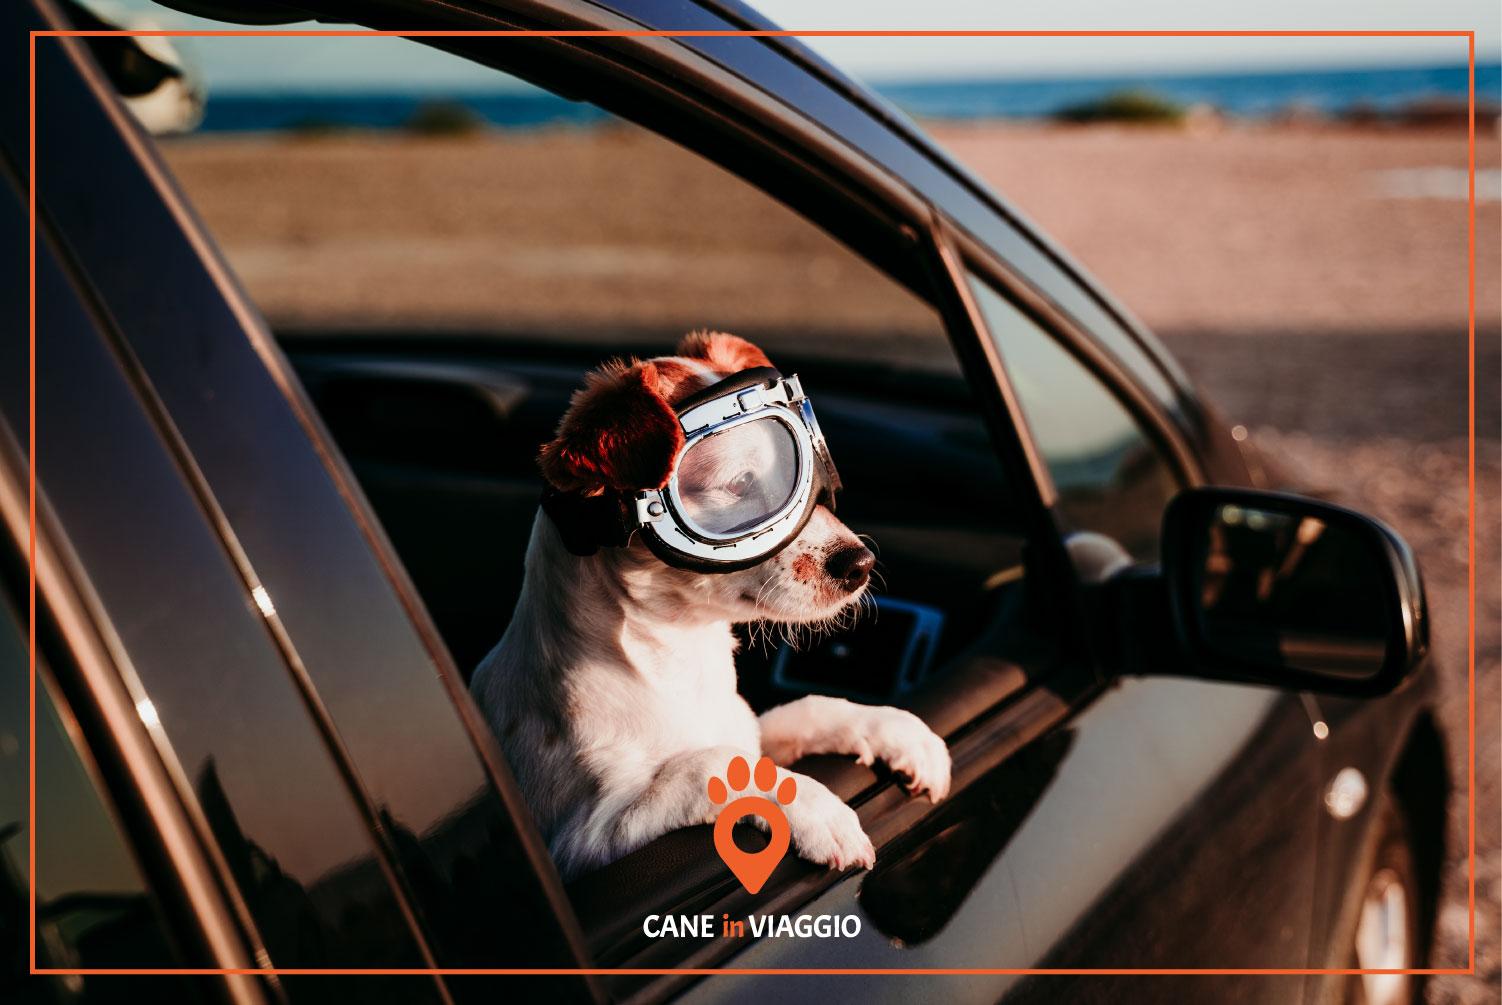 cucciolo di cane si sporge dal finestrino dell'auto